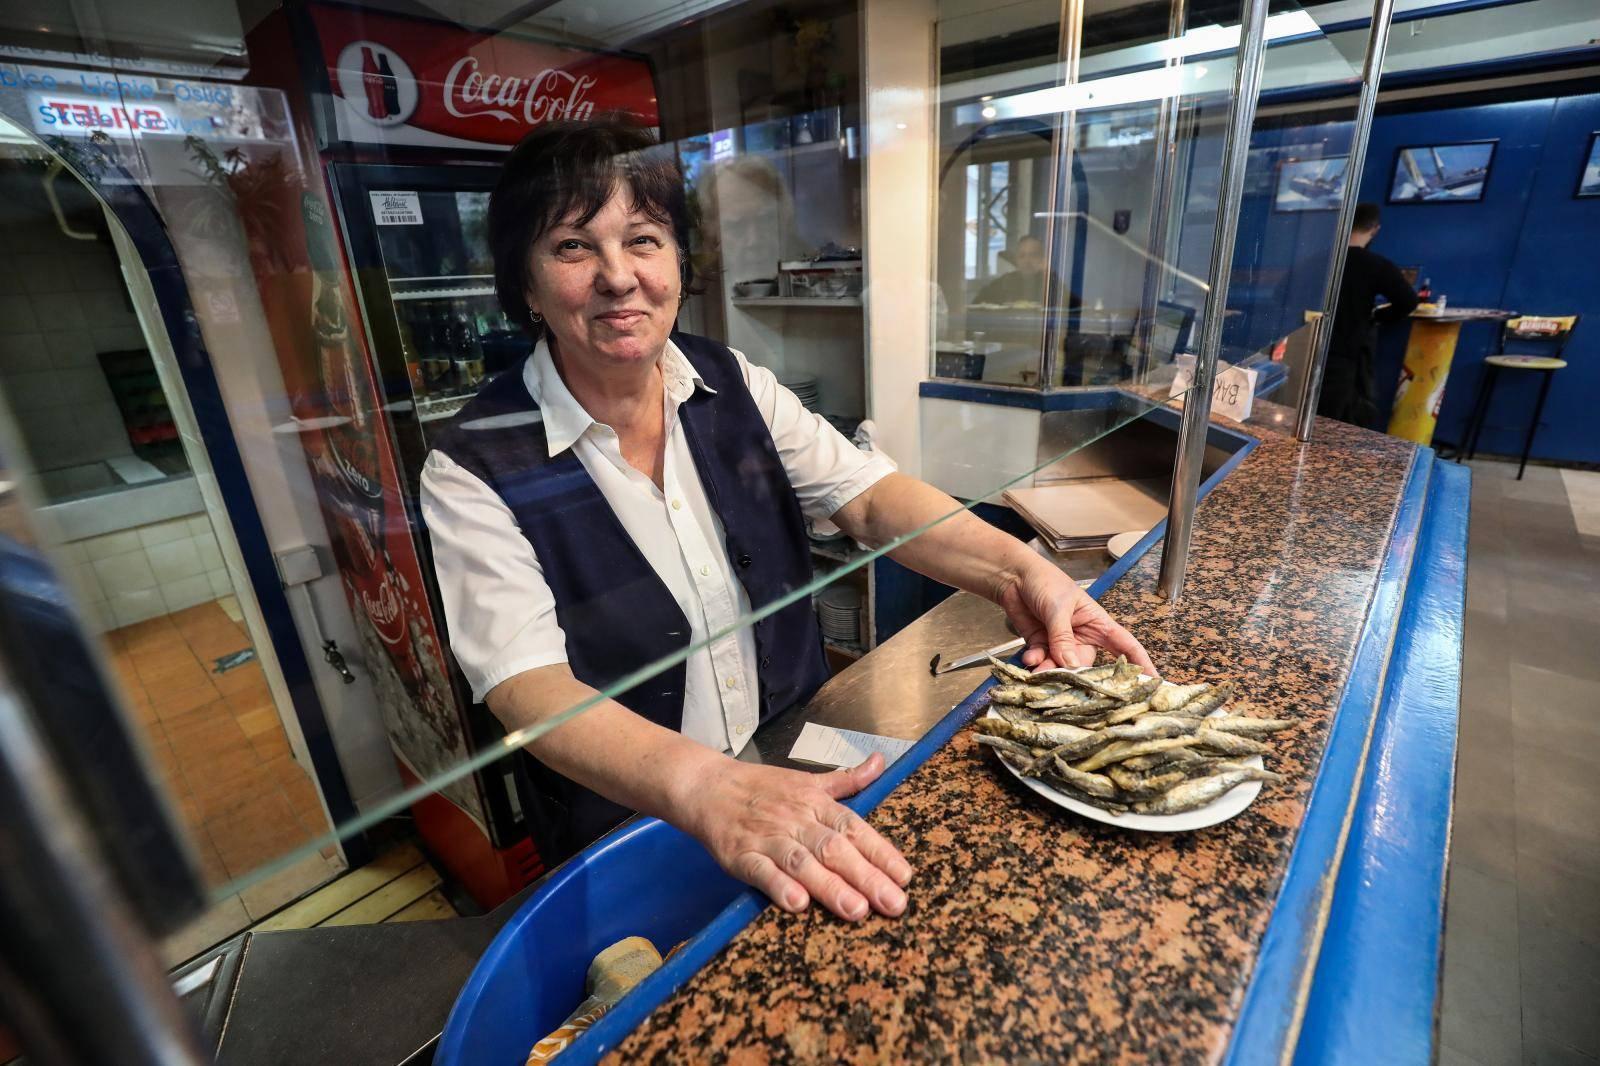 Manda i Ankica: Lignje i ribice kod Mimice pržimo 40 godina